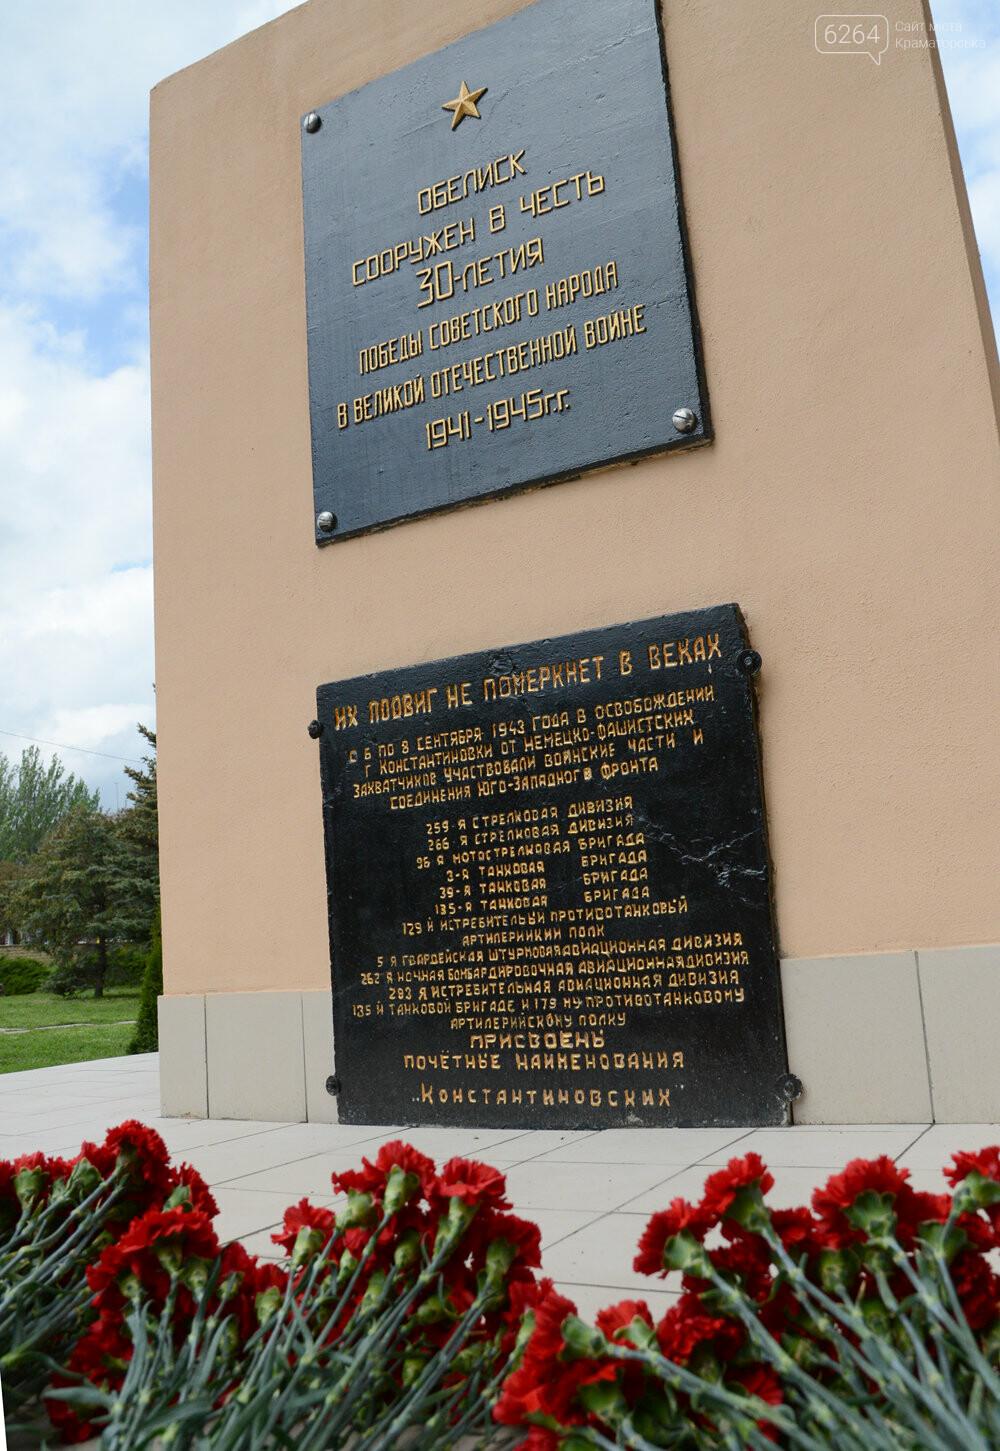 К 75-летию Великой Победы Борис Колесников и его Фонд восстанавливают памятники на Донетчине , фото-1